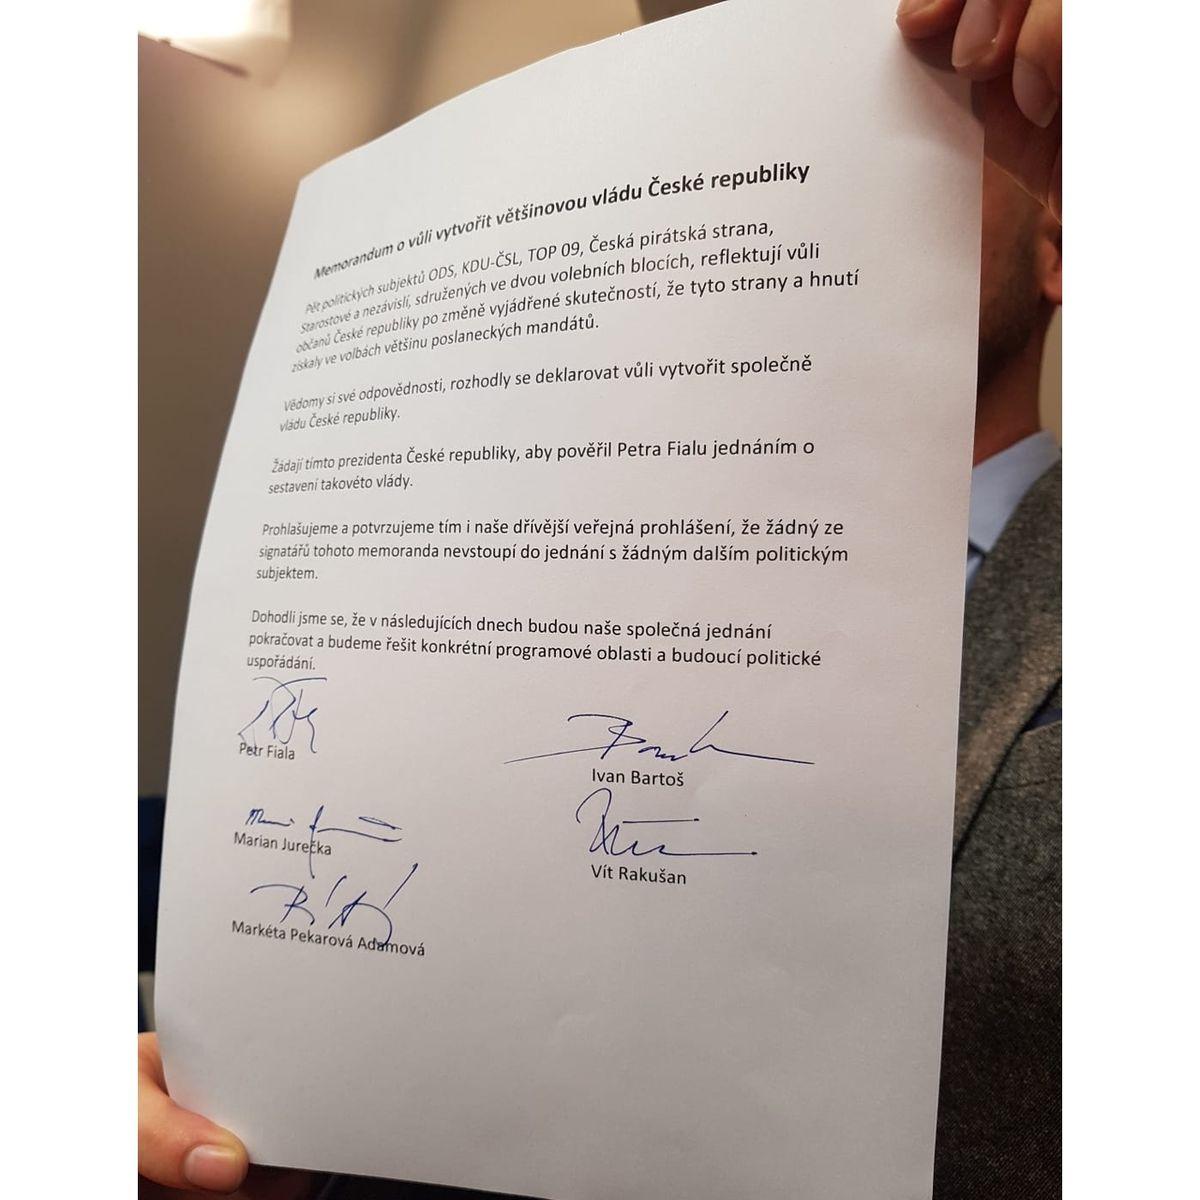 Memorandum o vůli vytvořit společně většinovou vládu